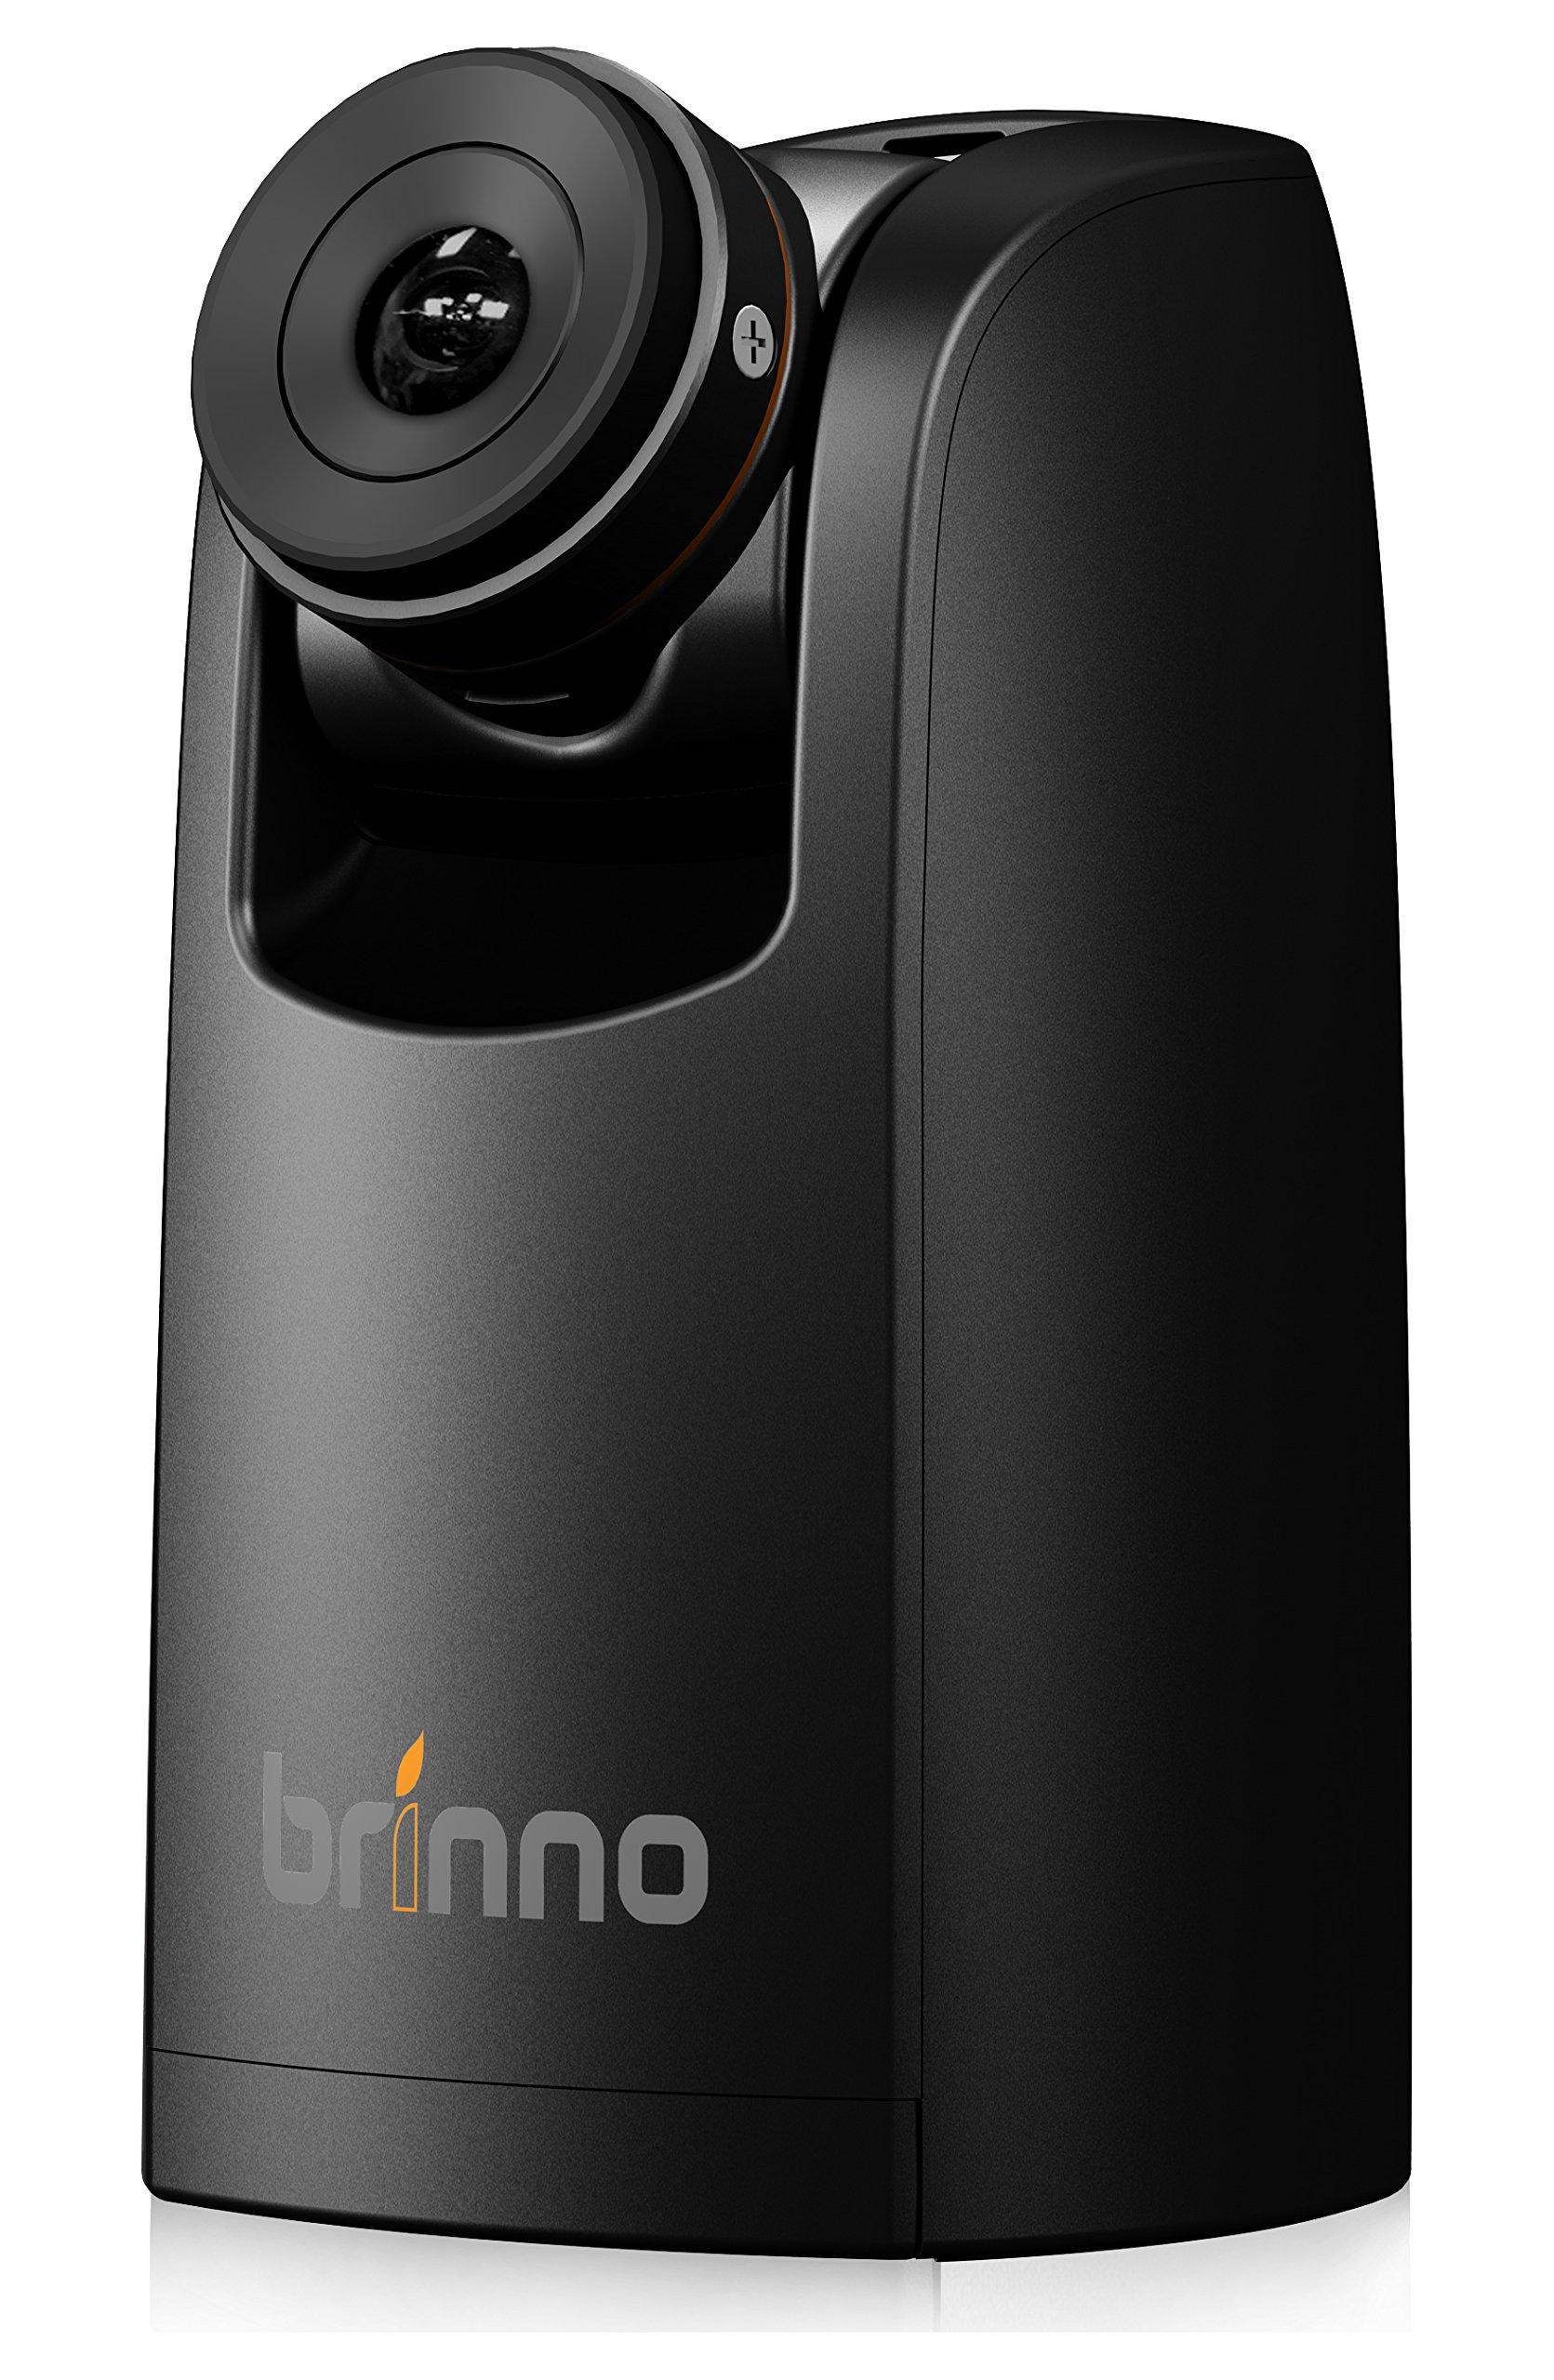 Brinno-TLC200Pro-HDR-Zeitraffer-Kamera-Fr-Projektaufnahme-Landschaft-80-TAGE-Batterielebensdauer-Atemberaubende-niedrigen-Lichtleistung-Austauschbar-objektive